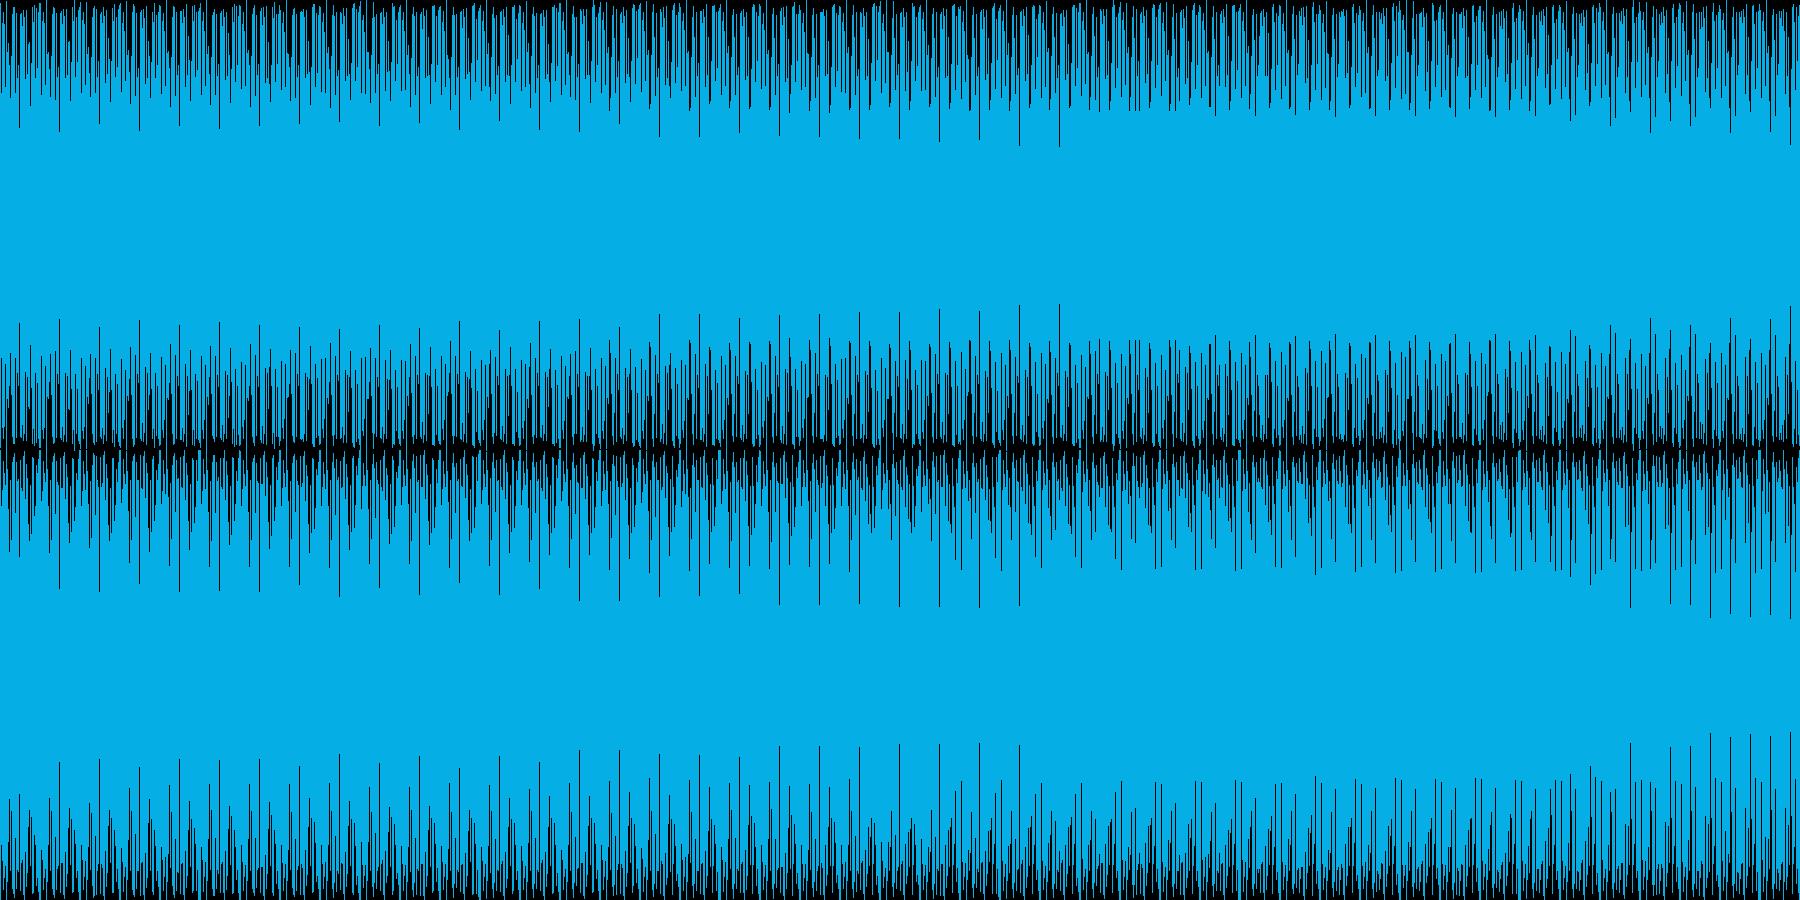 ラテン調のドラムにアジアンなストリング…の再生済みの波形